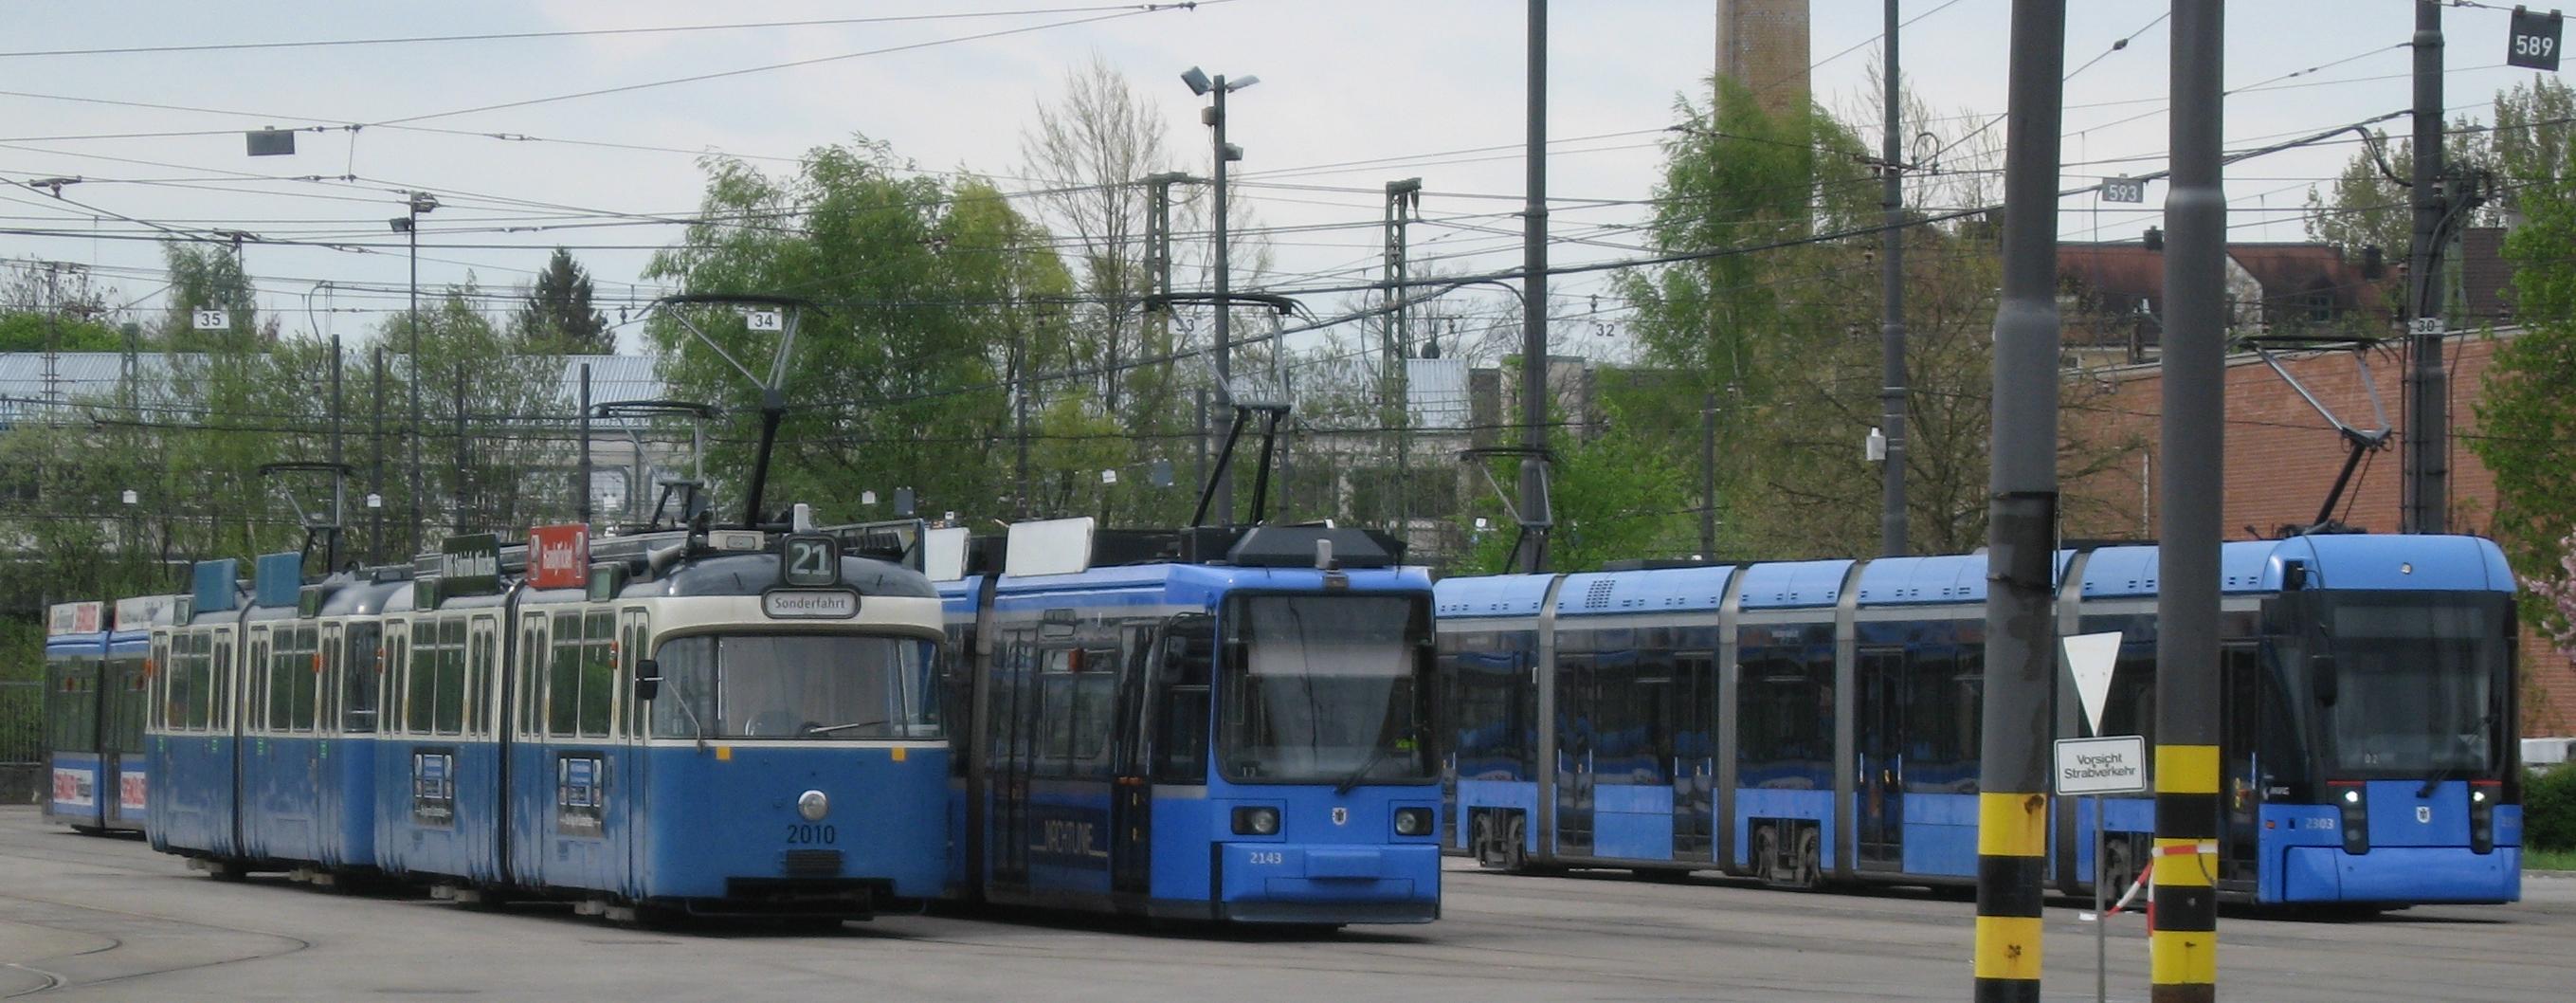 Trams in Munich - Wikipedia